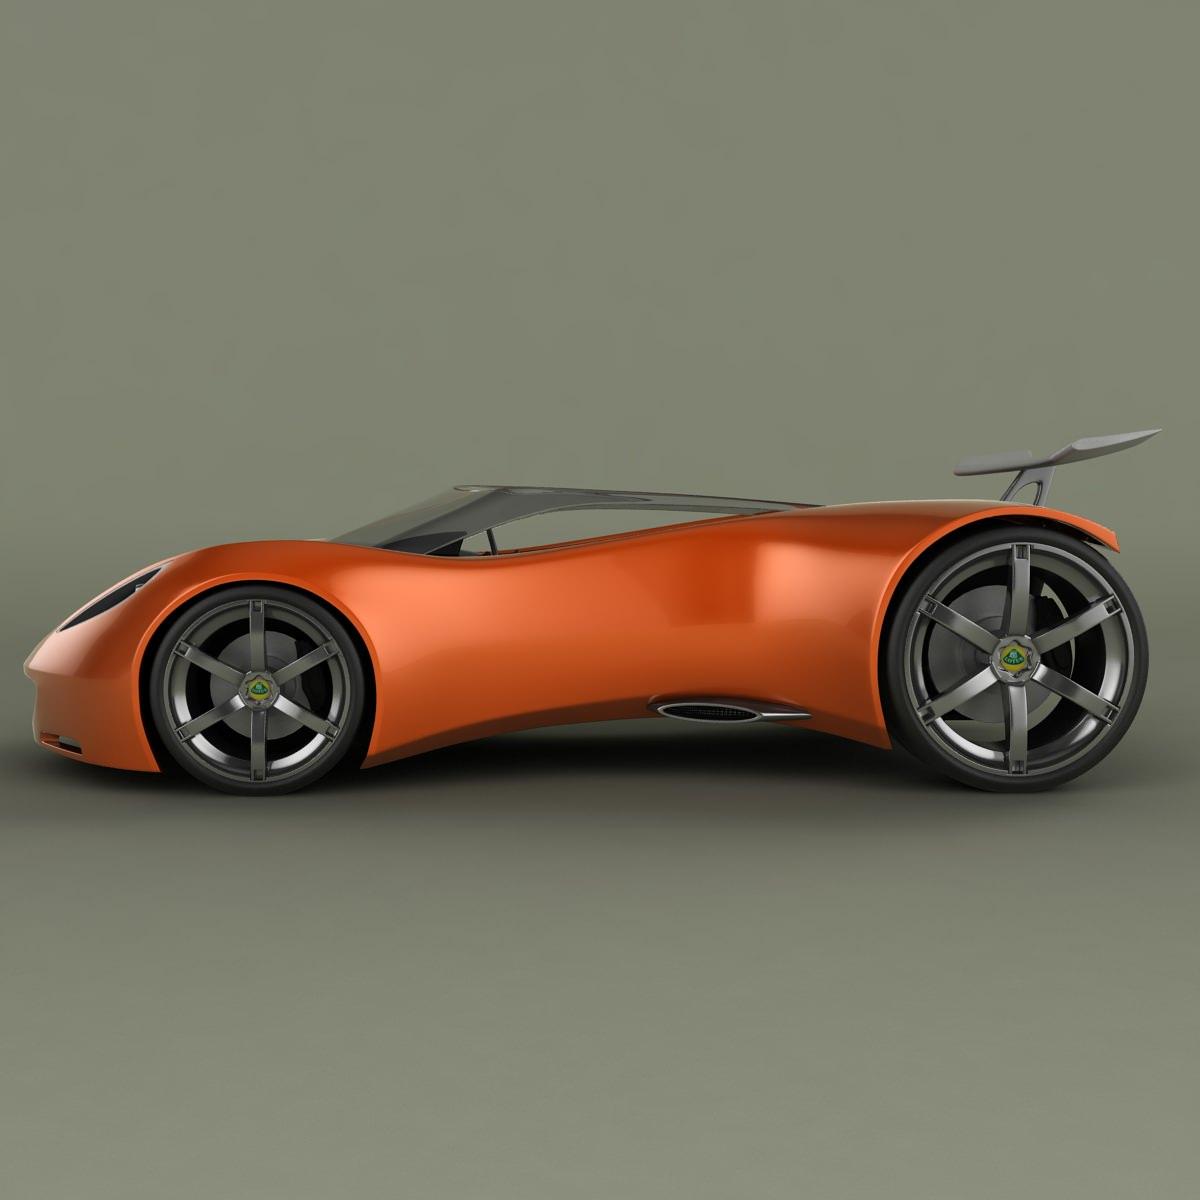 2019 l'anno del cambiamento? Lotus_hot_wheels_concept_3d_model_3ds_obj_max_6c0ac673-6358-4bfc-81ad-10c2f44d2336